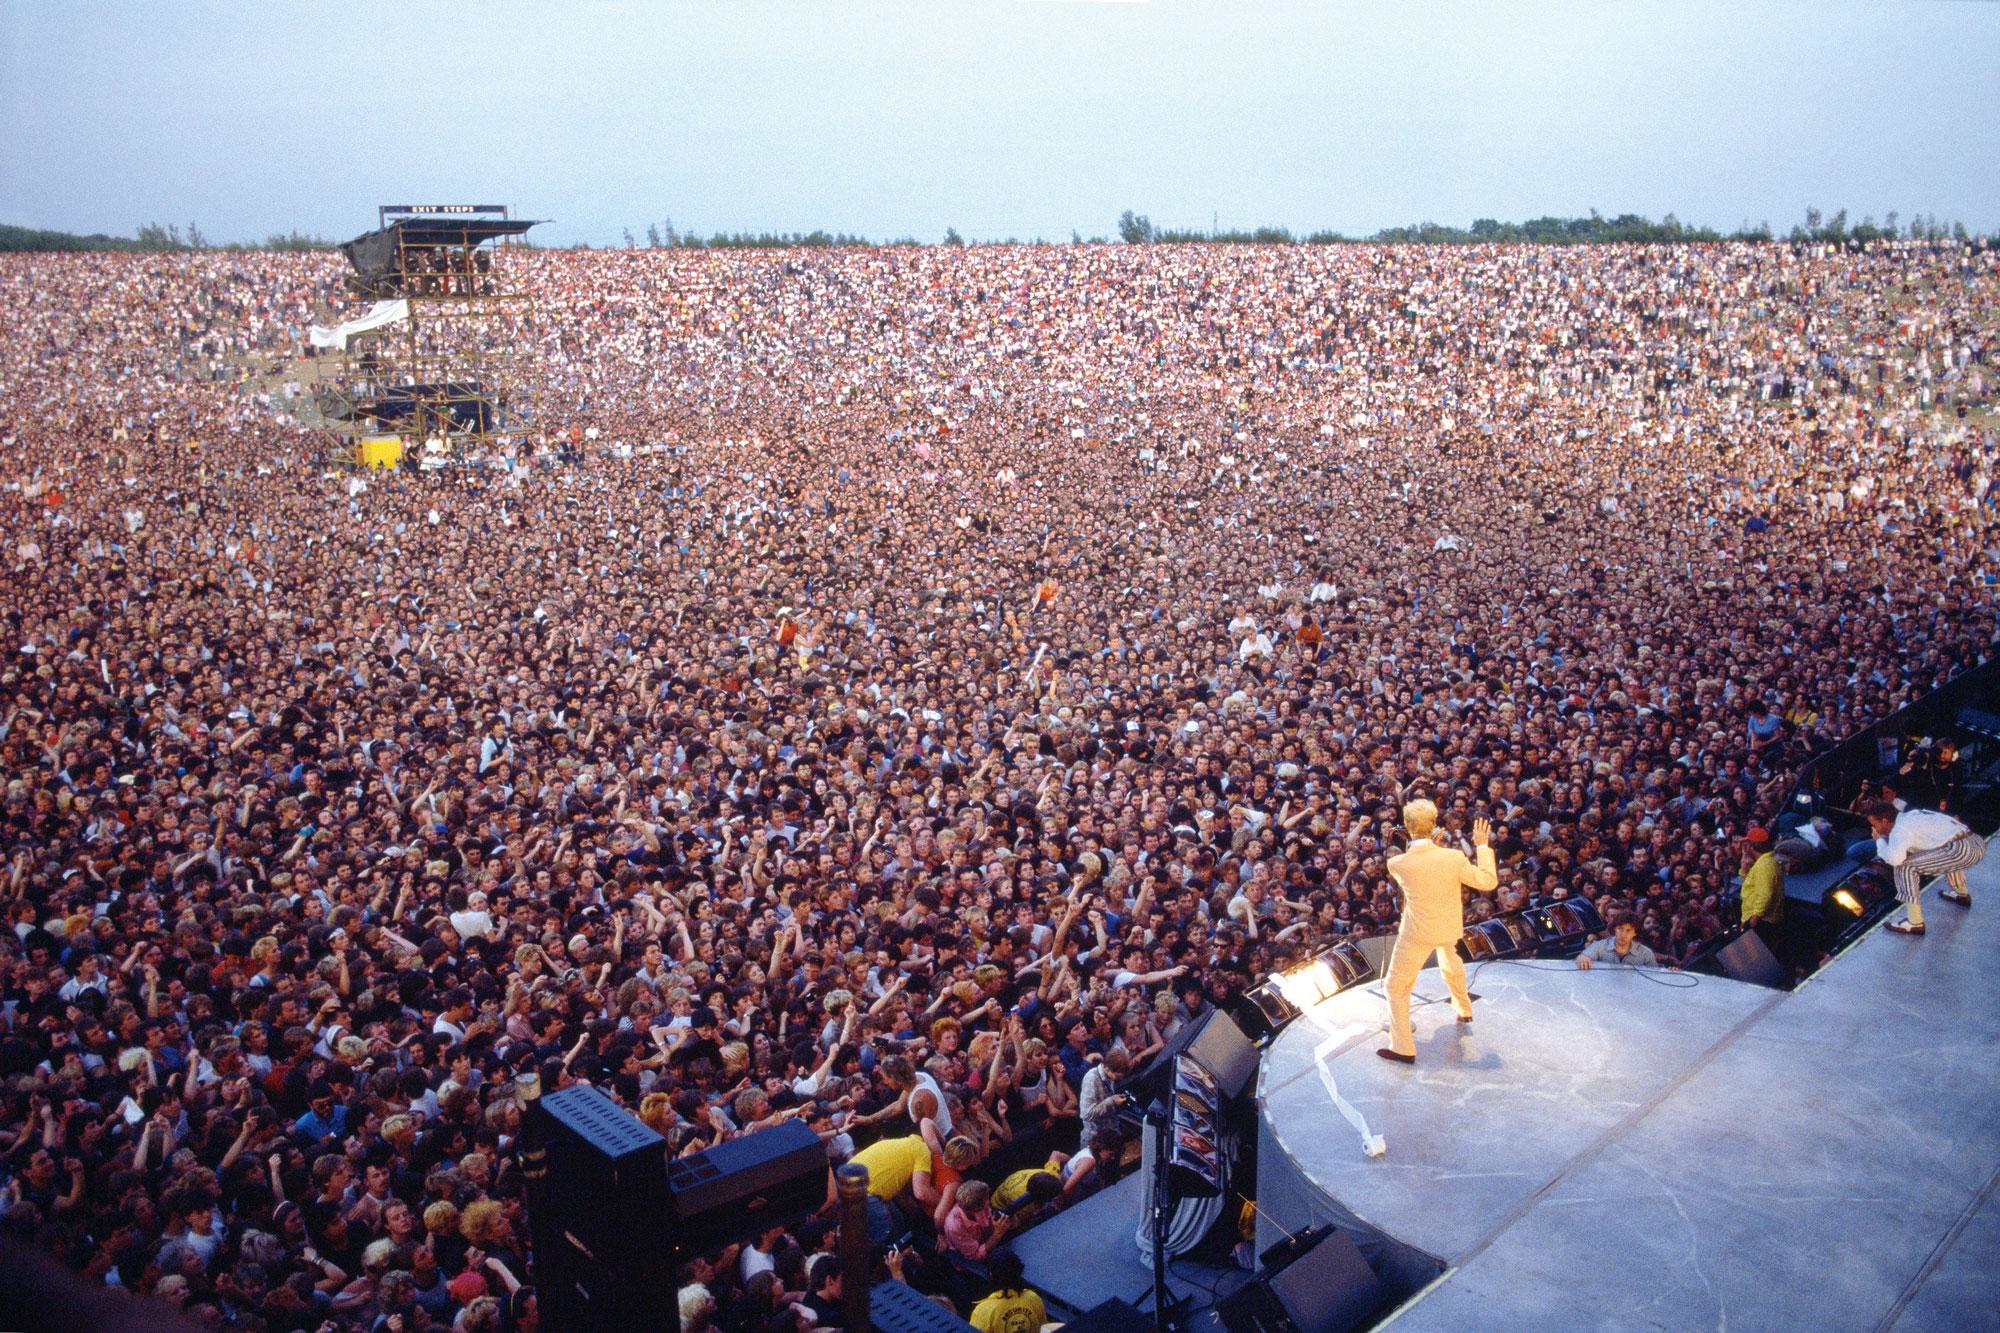 Боуи выступает нафестивале Milton Keynes Bowl вВеликобритании, 1983